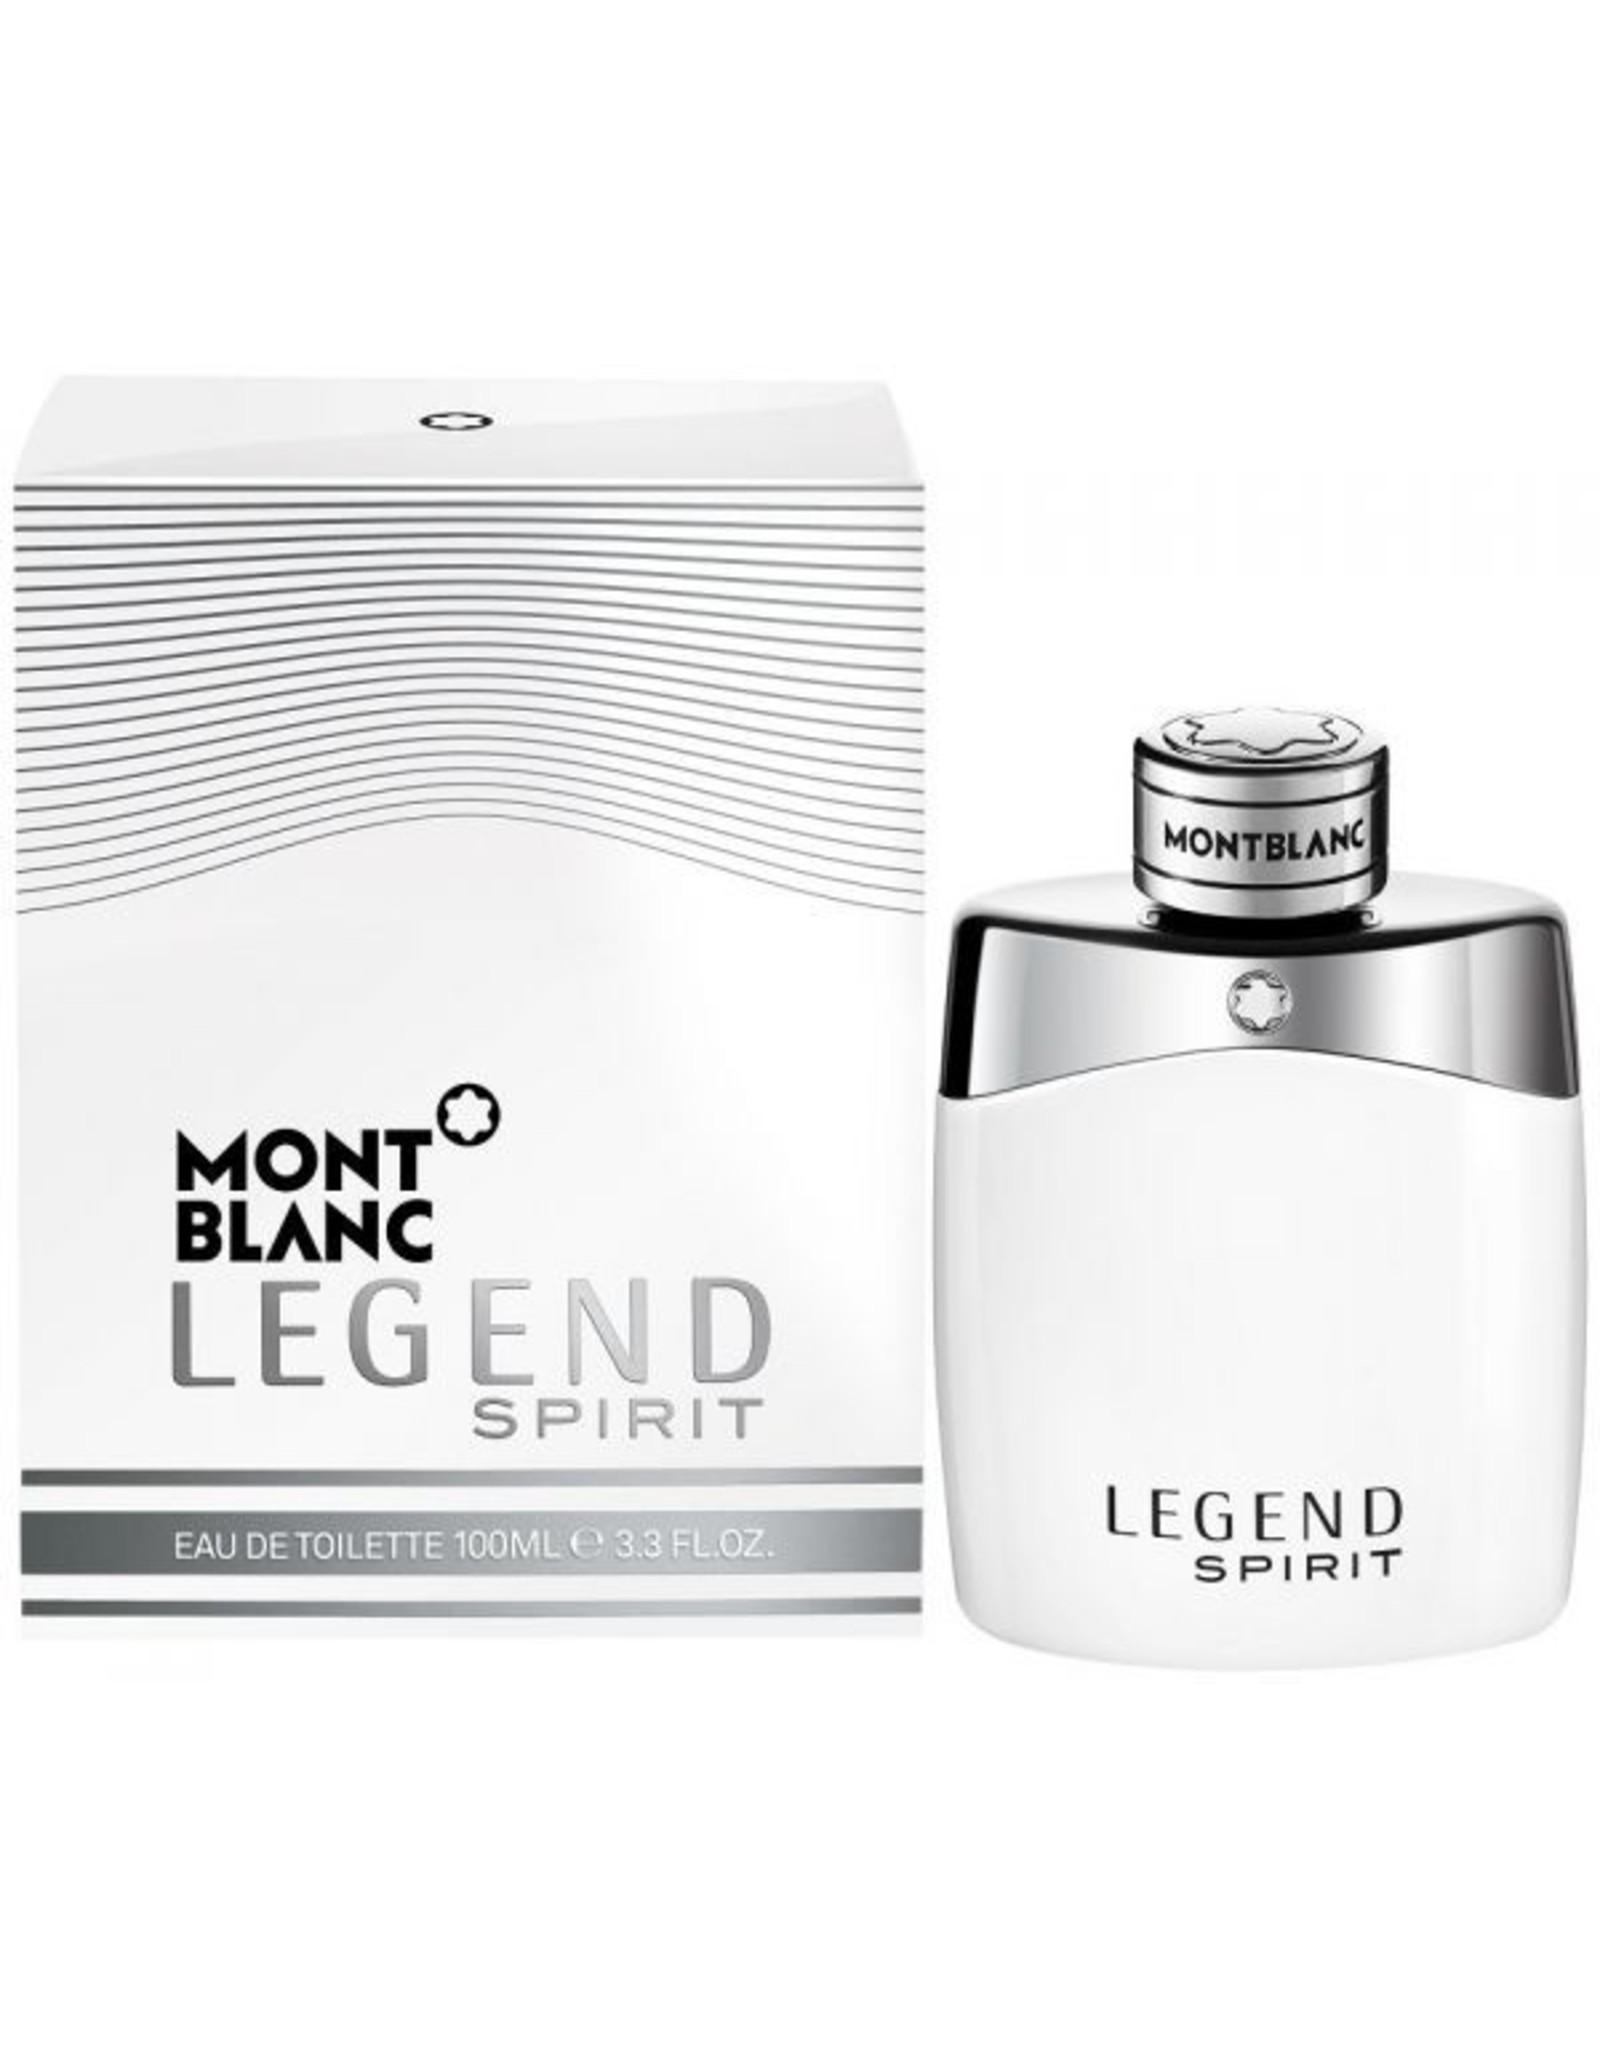 MONT BLANC MONT BLANC LEGEND SPIRIT